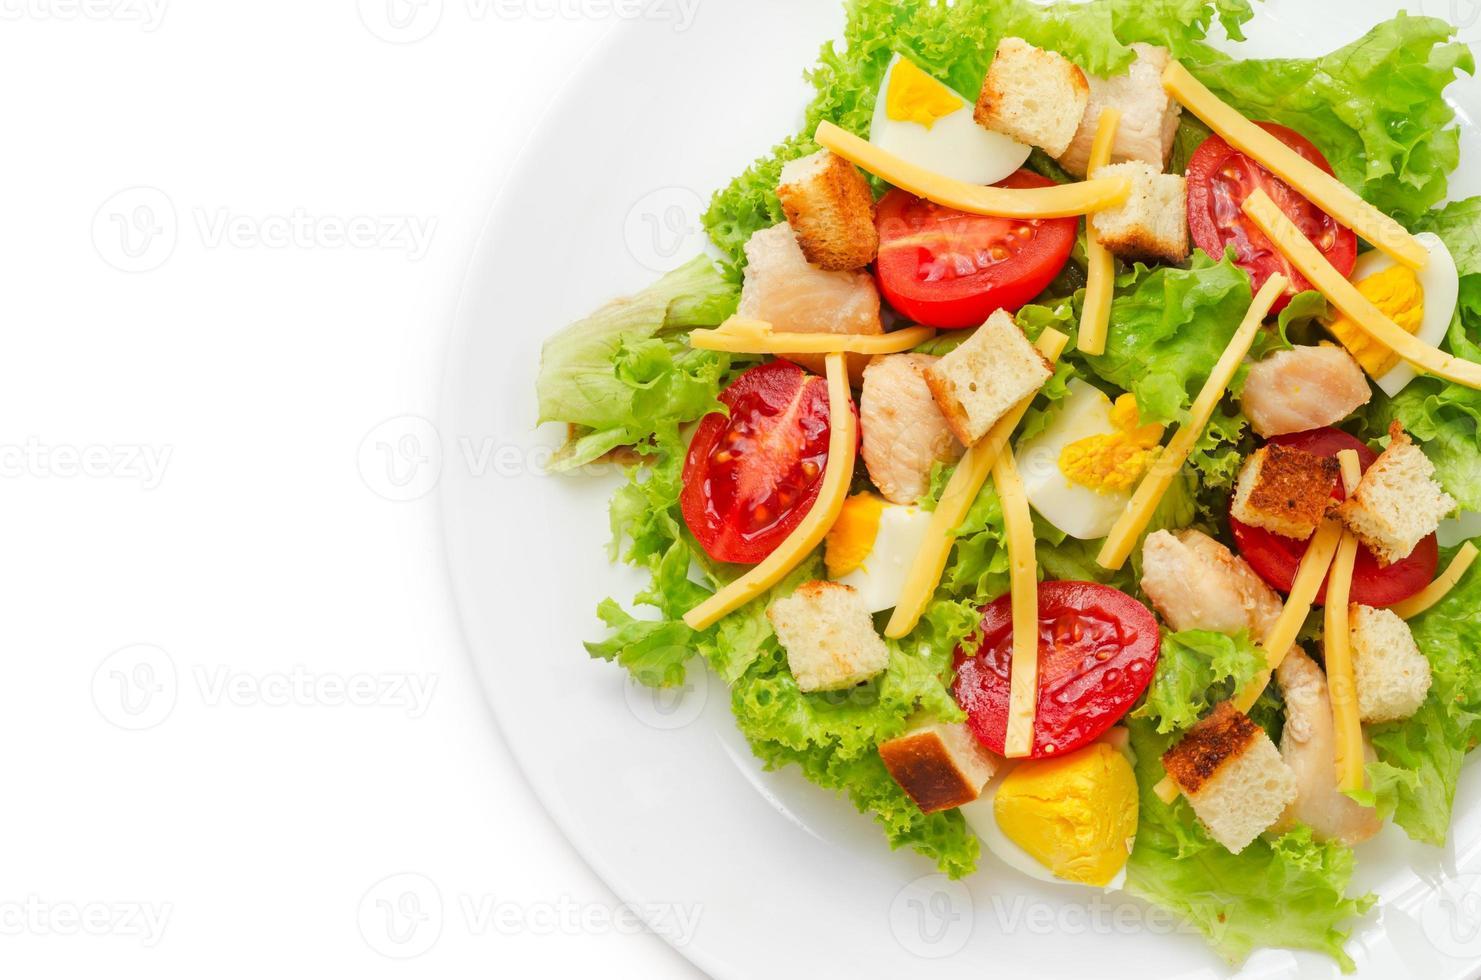 klassischer Hühnchen-Caesar-Salat foto